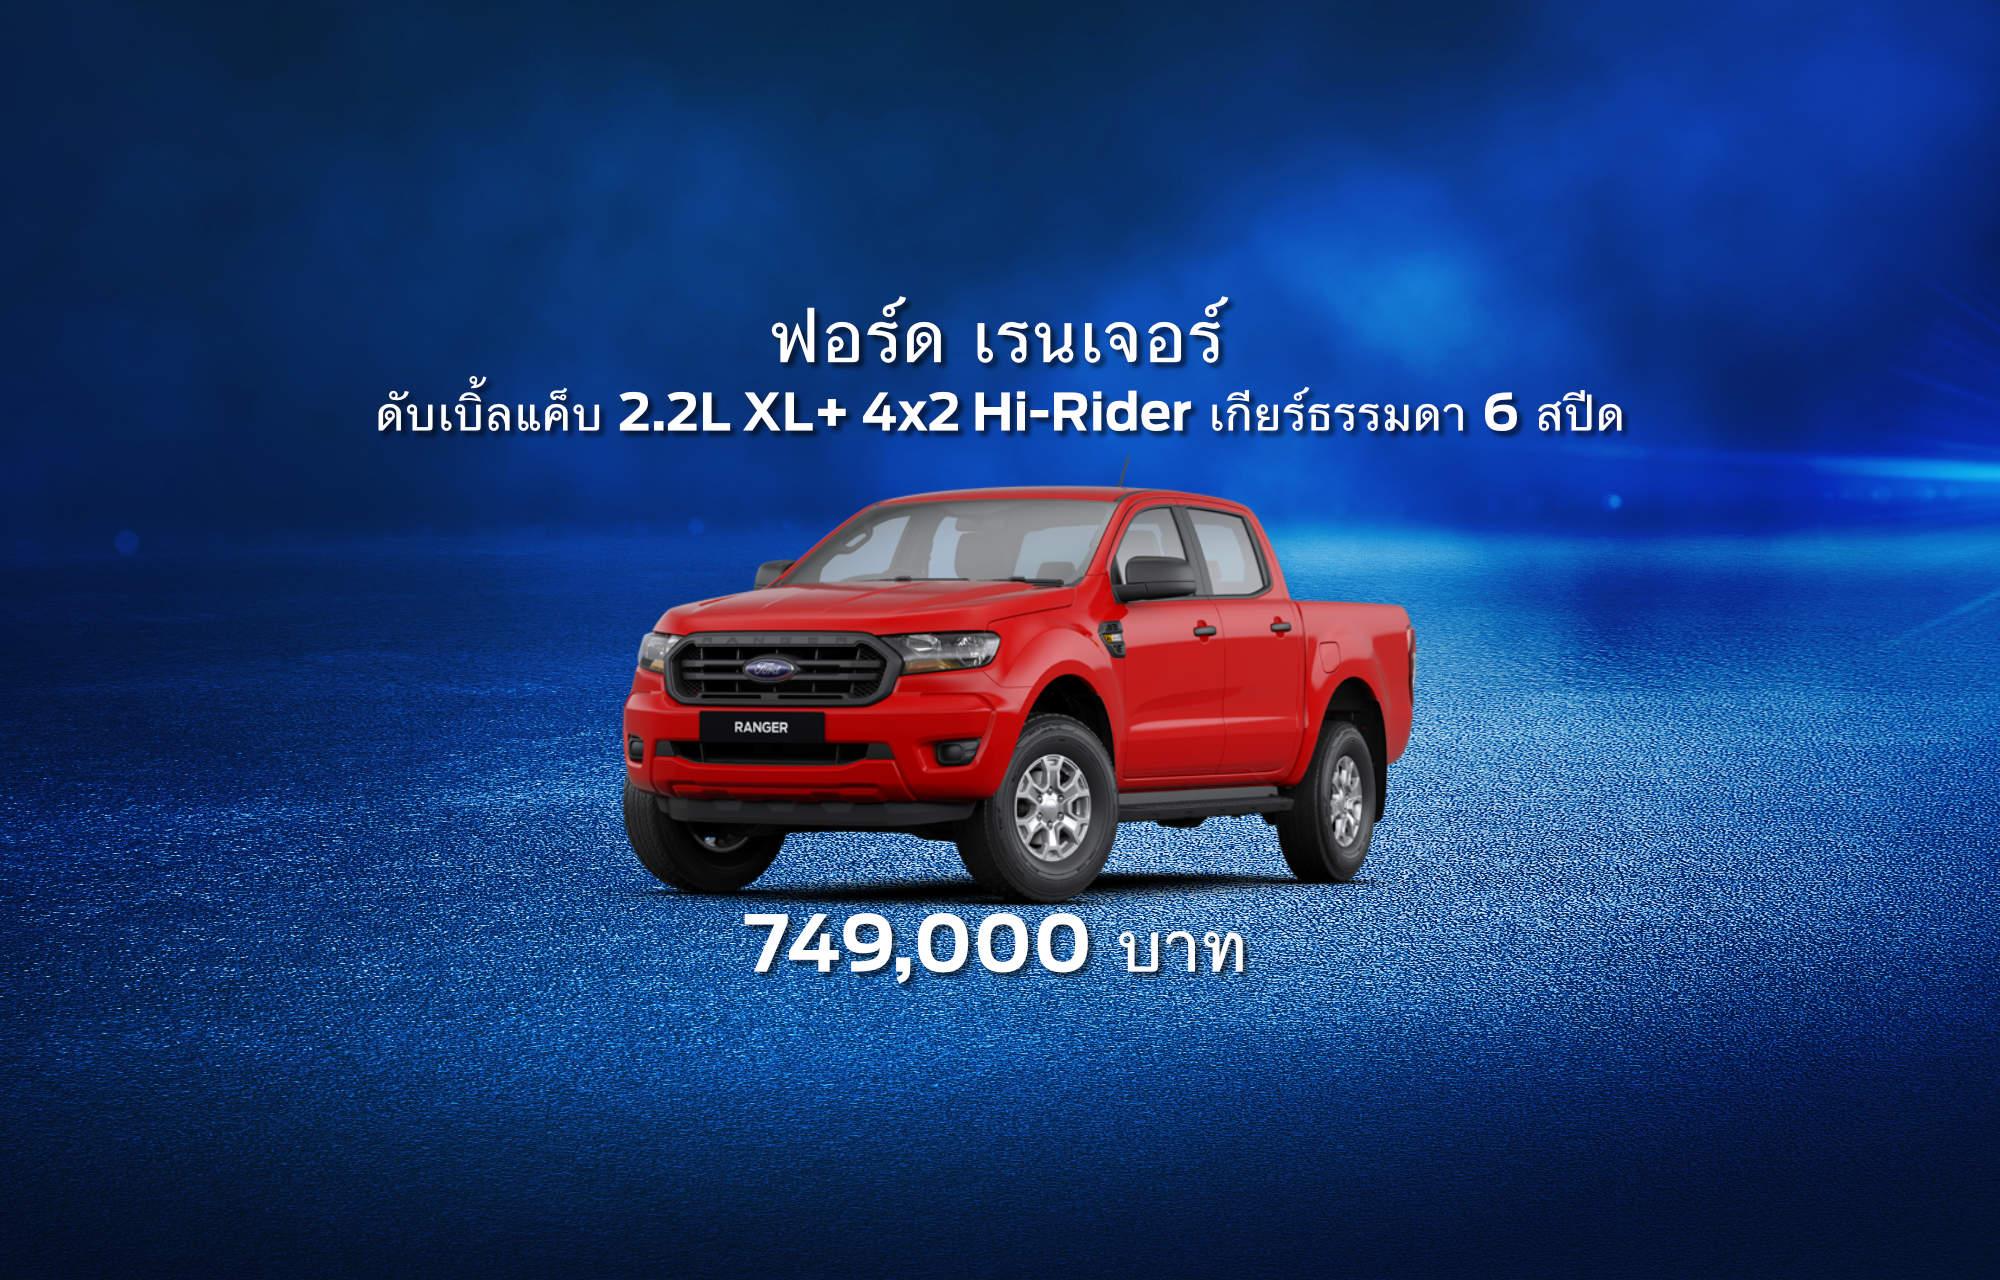 Ford Ranger DBL Cab XL+